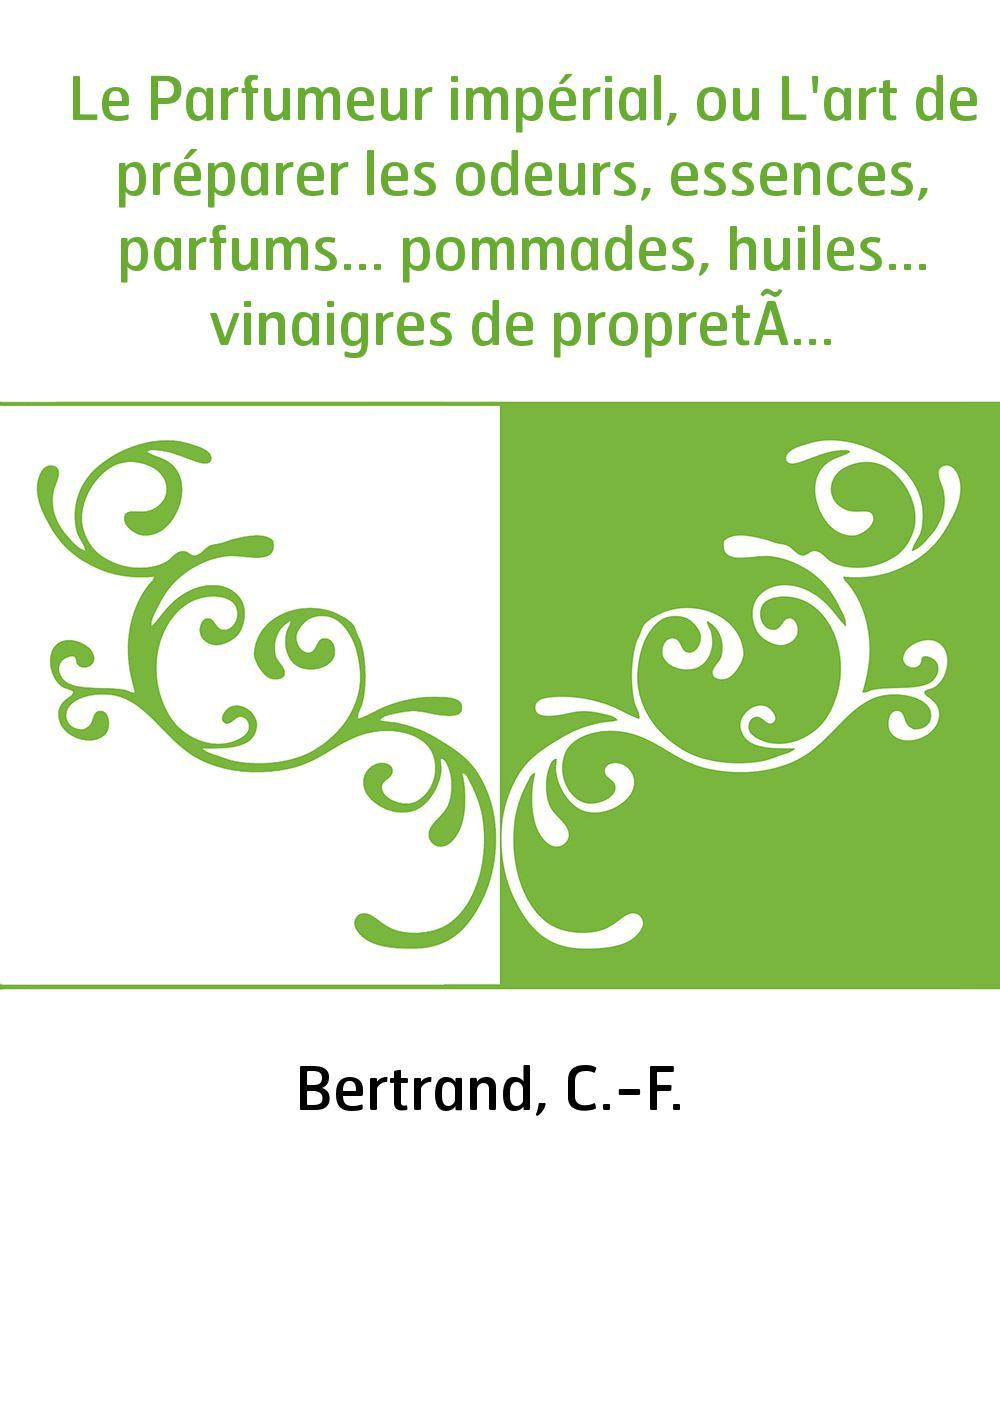 Le Parfumeur impérial, ou L'art de préparer les odeurs, essences, parfums... pommades, huiles... vinaigres de propreté, savons .